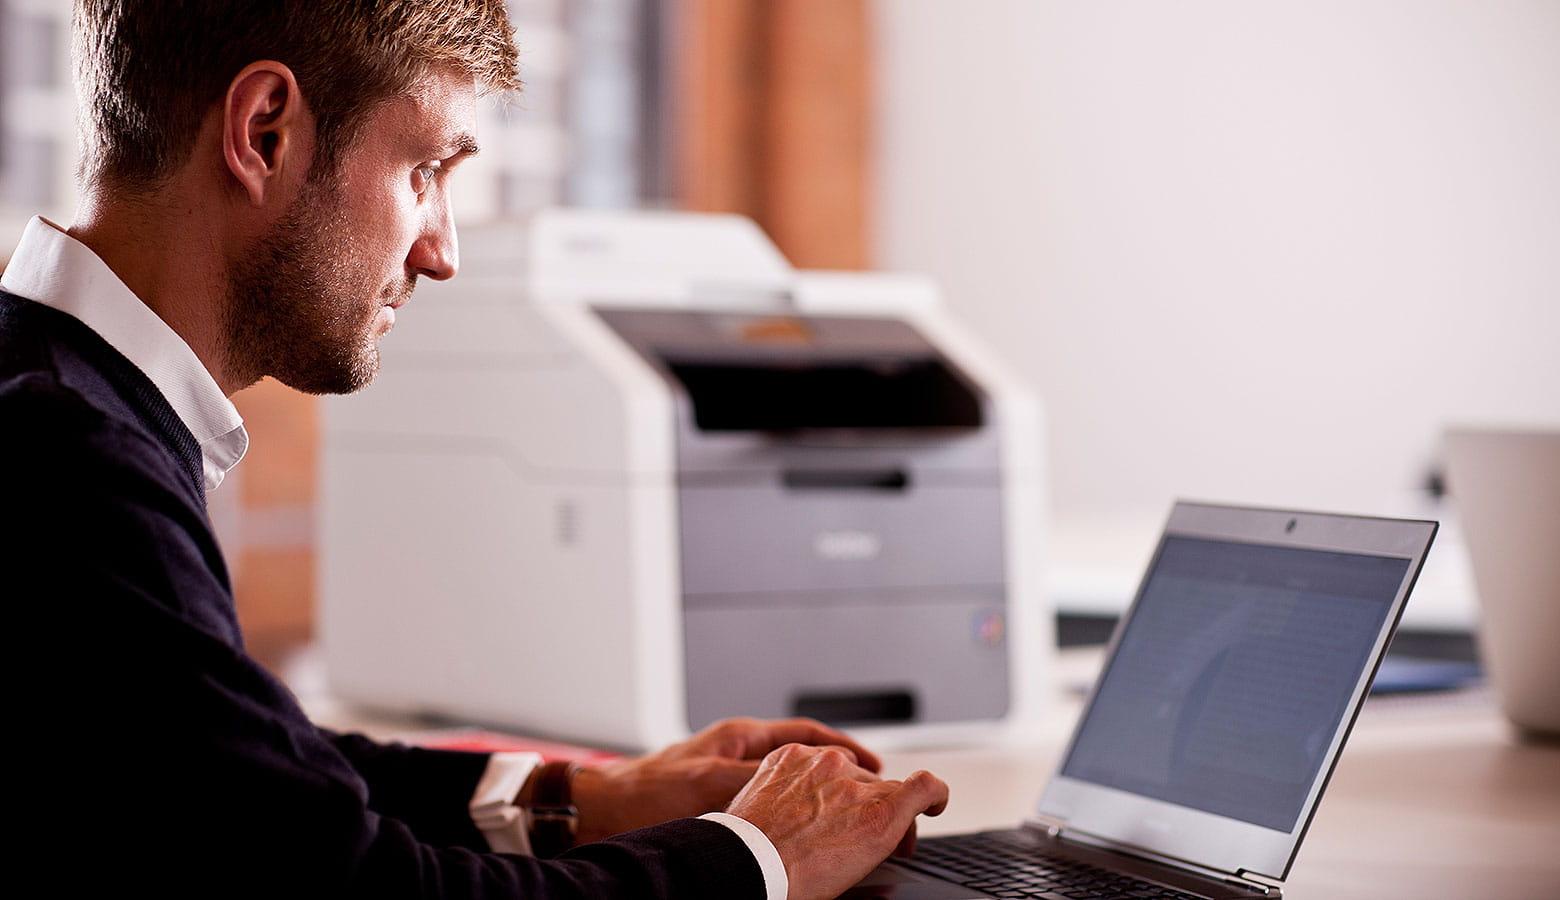 Kollege aus der IT-Abteilung sitzt vor seinem Laptop